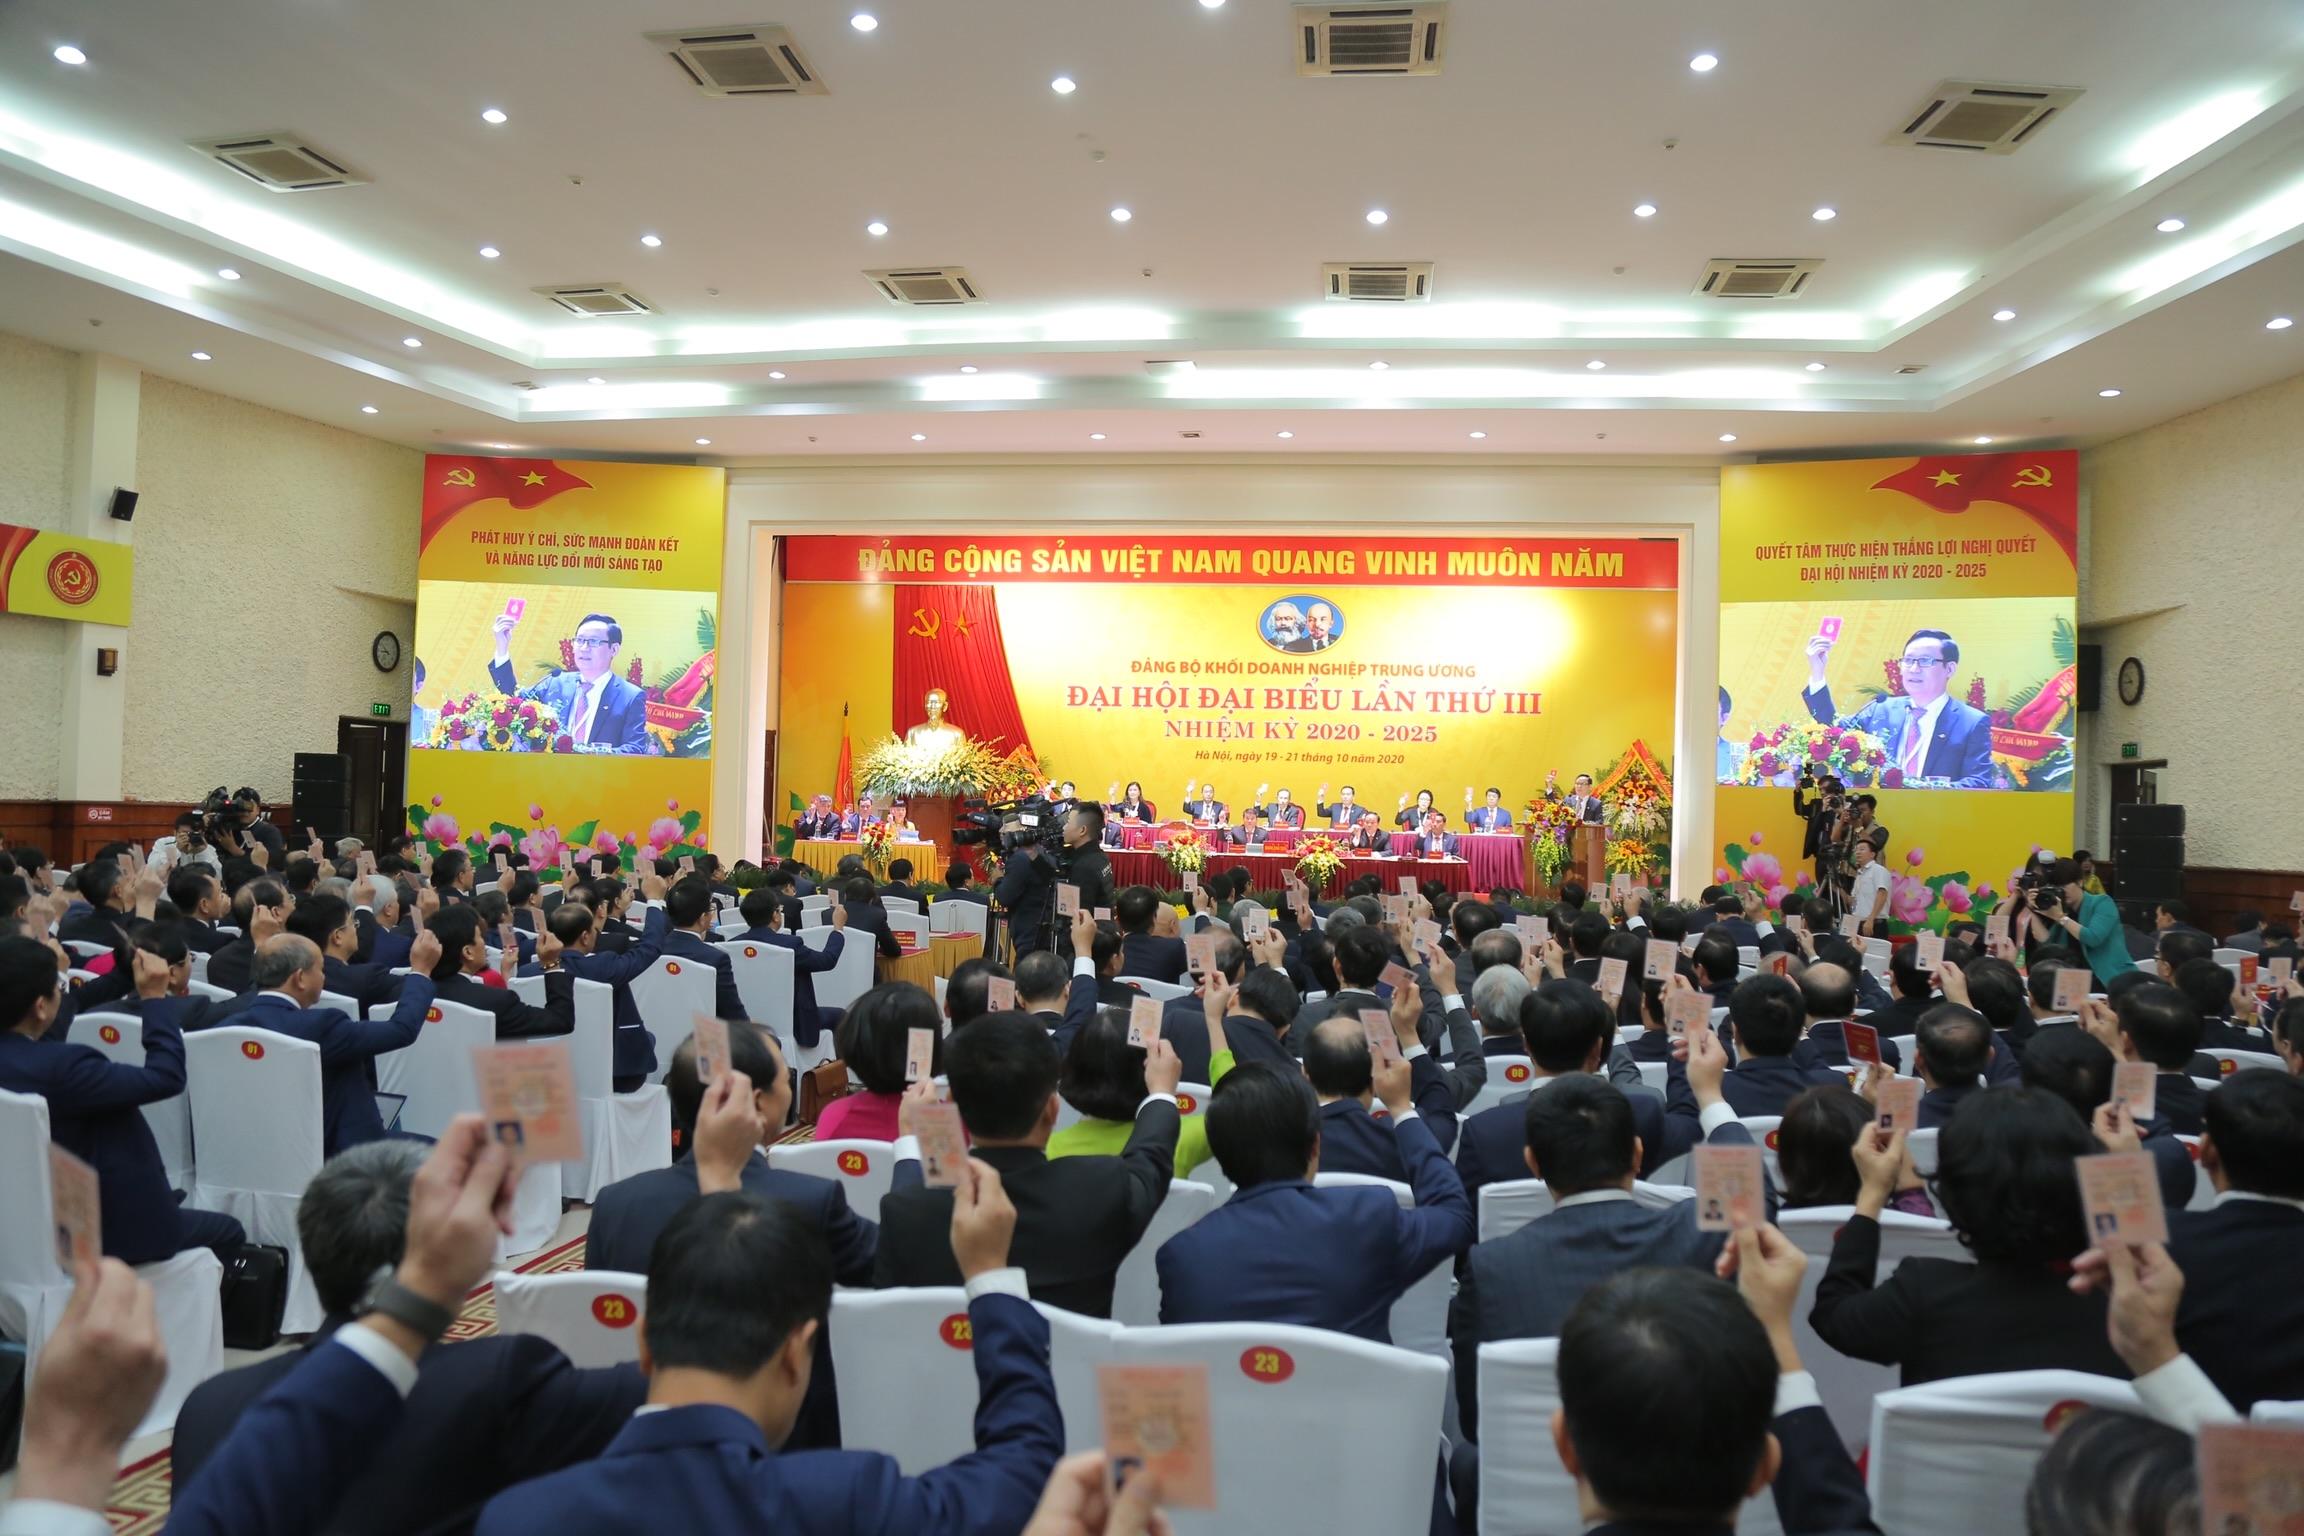 khai-mac-dai-hoi-dai-bieu-dang-bo-khoi-doanh-nghiep-trung-uong-lan-thu-iii-nhiem-ky-2020-2025-2